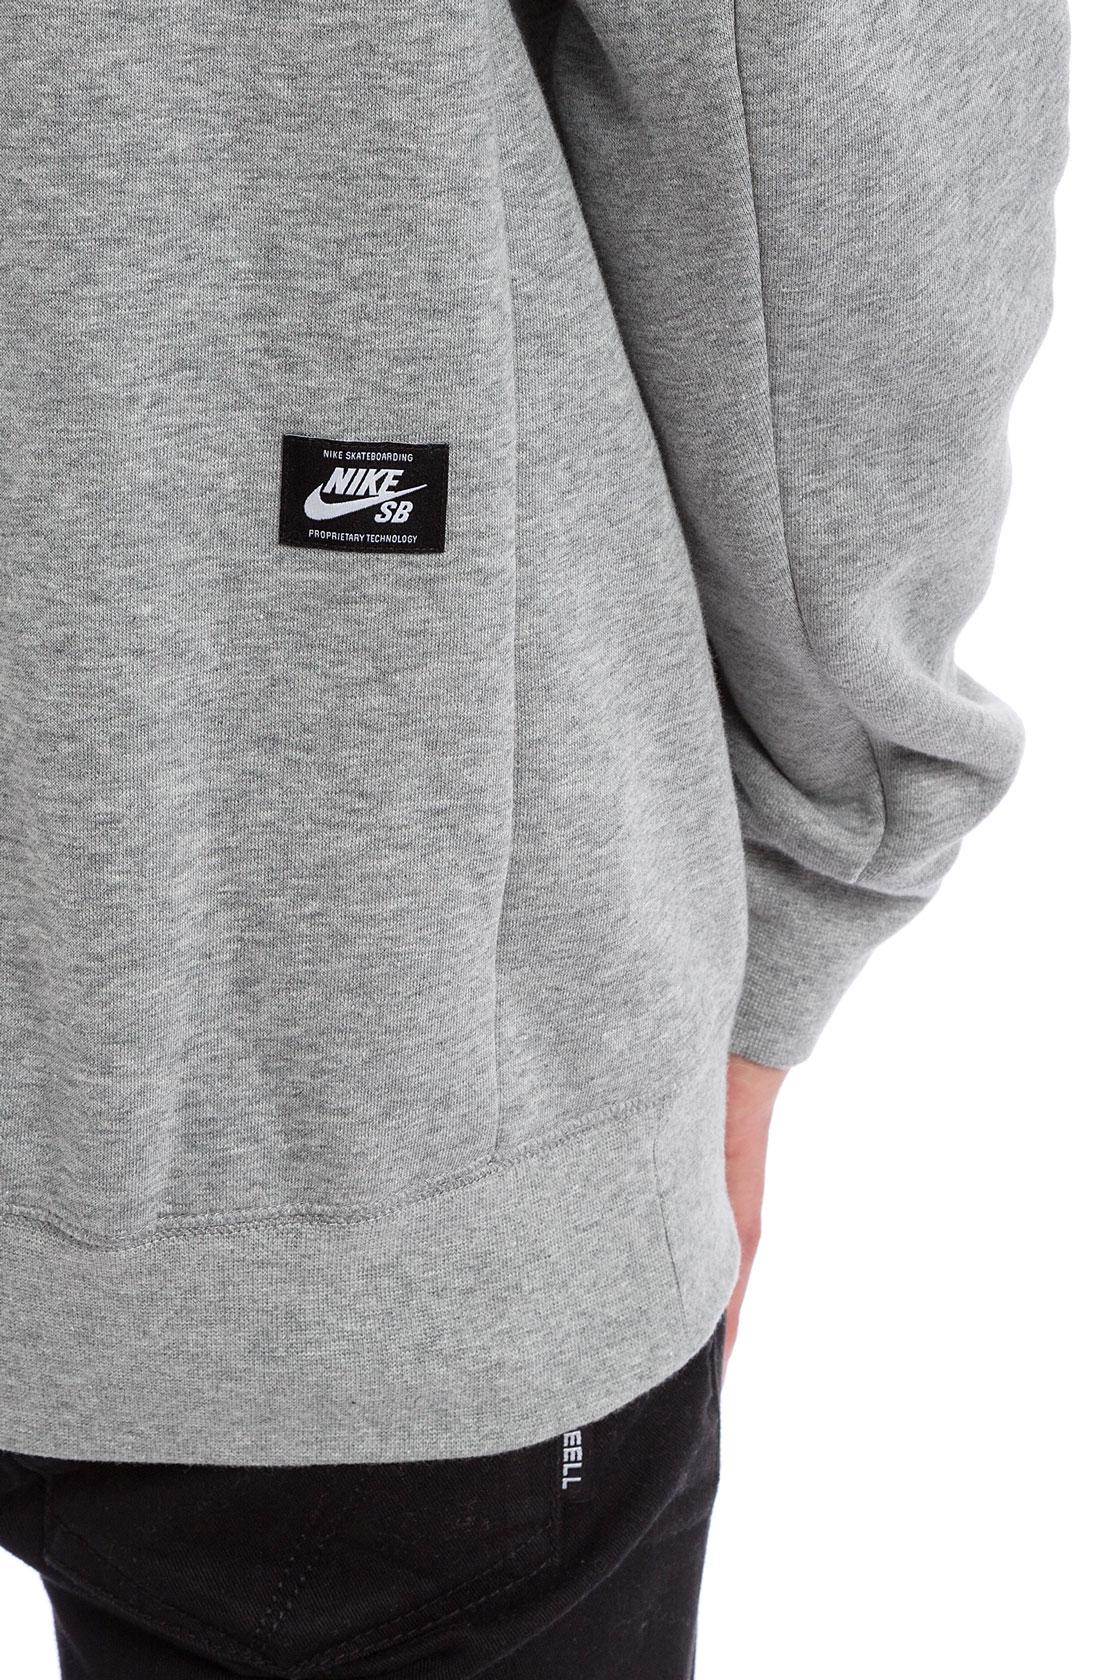 nike vandale arbre de lacrosse - Nike SB Icon Dots Hoodie (dark grey heather black) buy at skatedeluxe